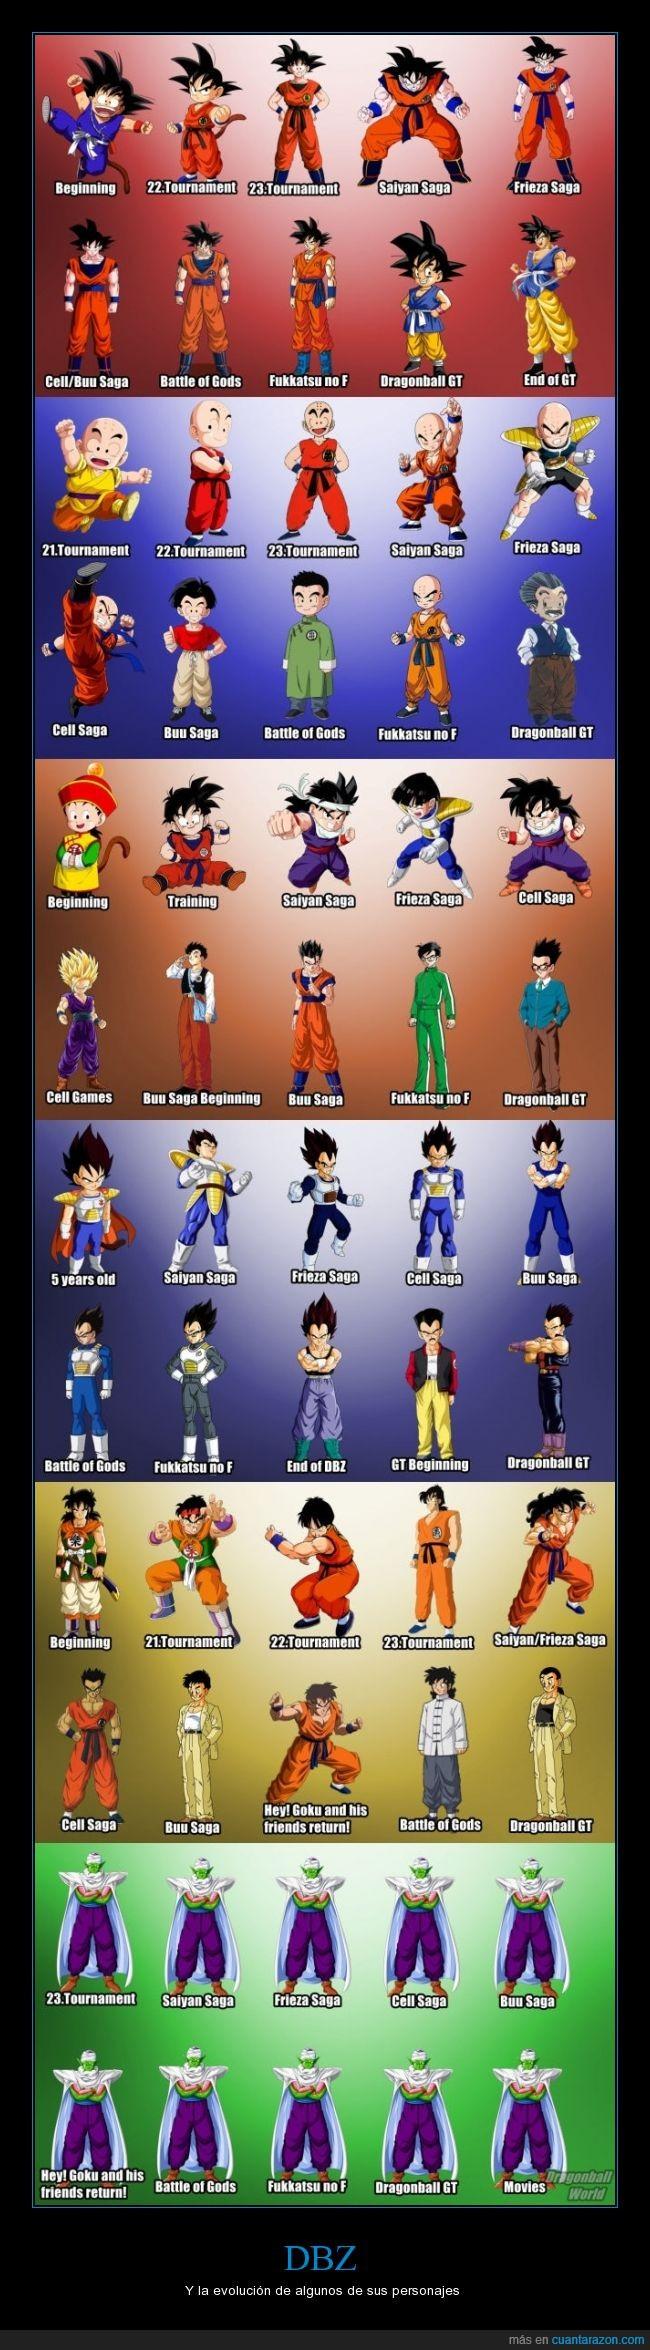 Evolucion de los personajes de Dragon Ball